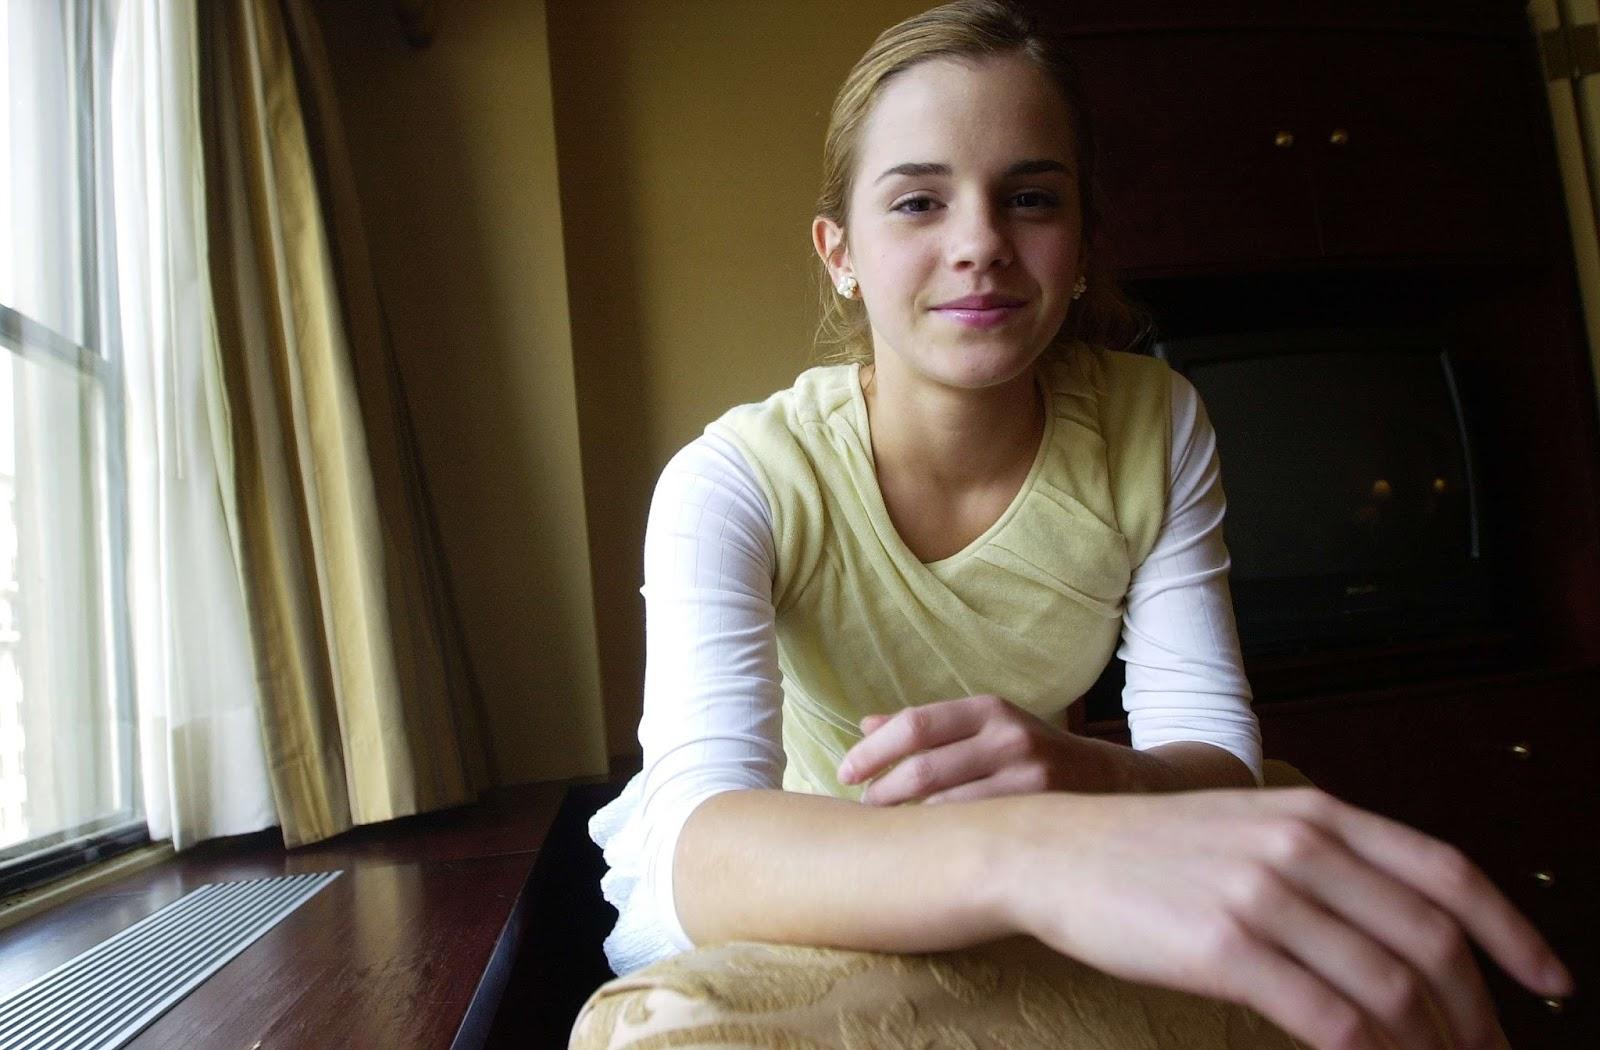 Cute Emma Watson Image HD